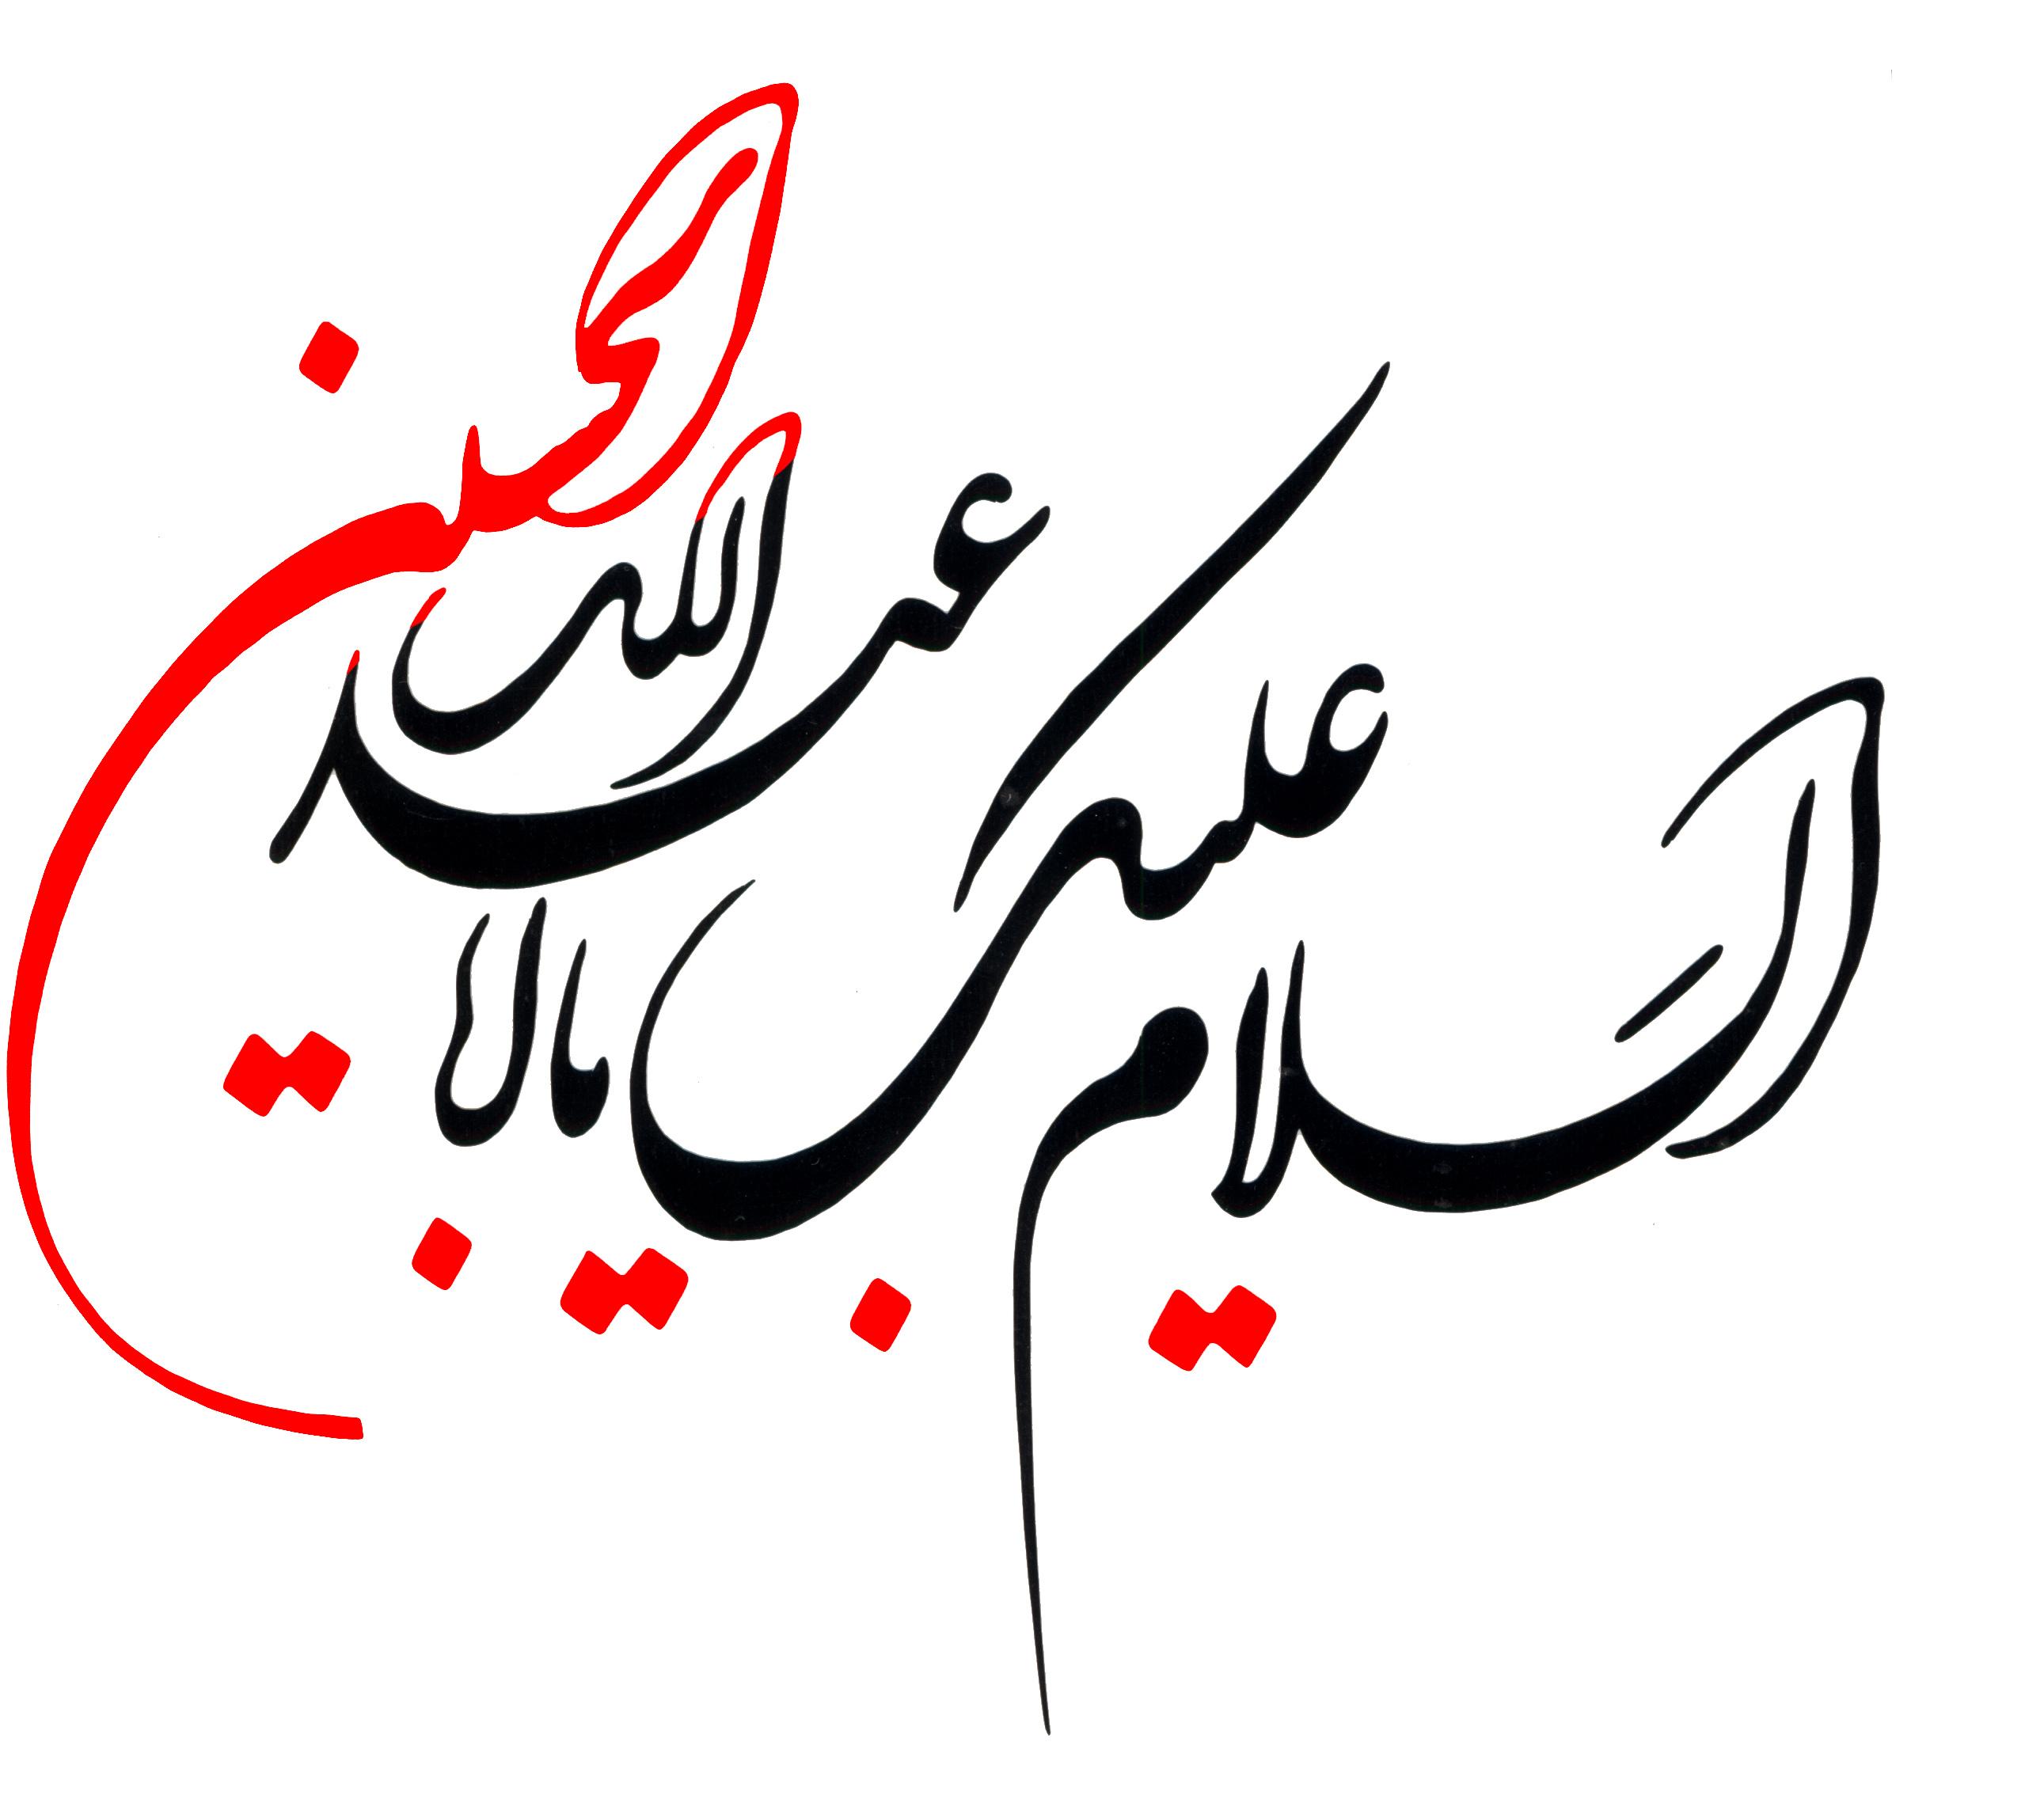 مرکز دانلود نوحه ایران Blog Archive و حسینیه ...: http://music1.b19.ir/post/نوحه-یا-ابا-عبدالله-الحسین